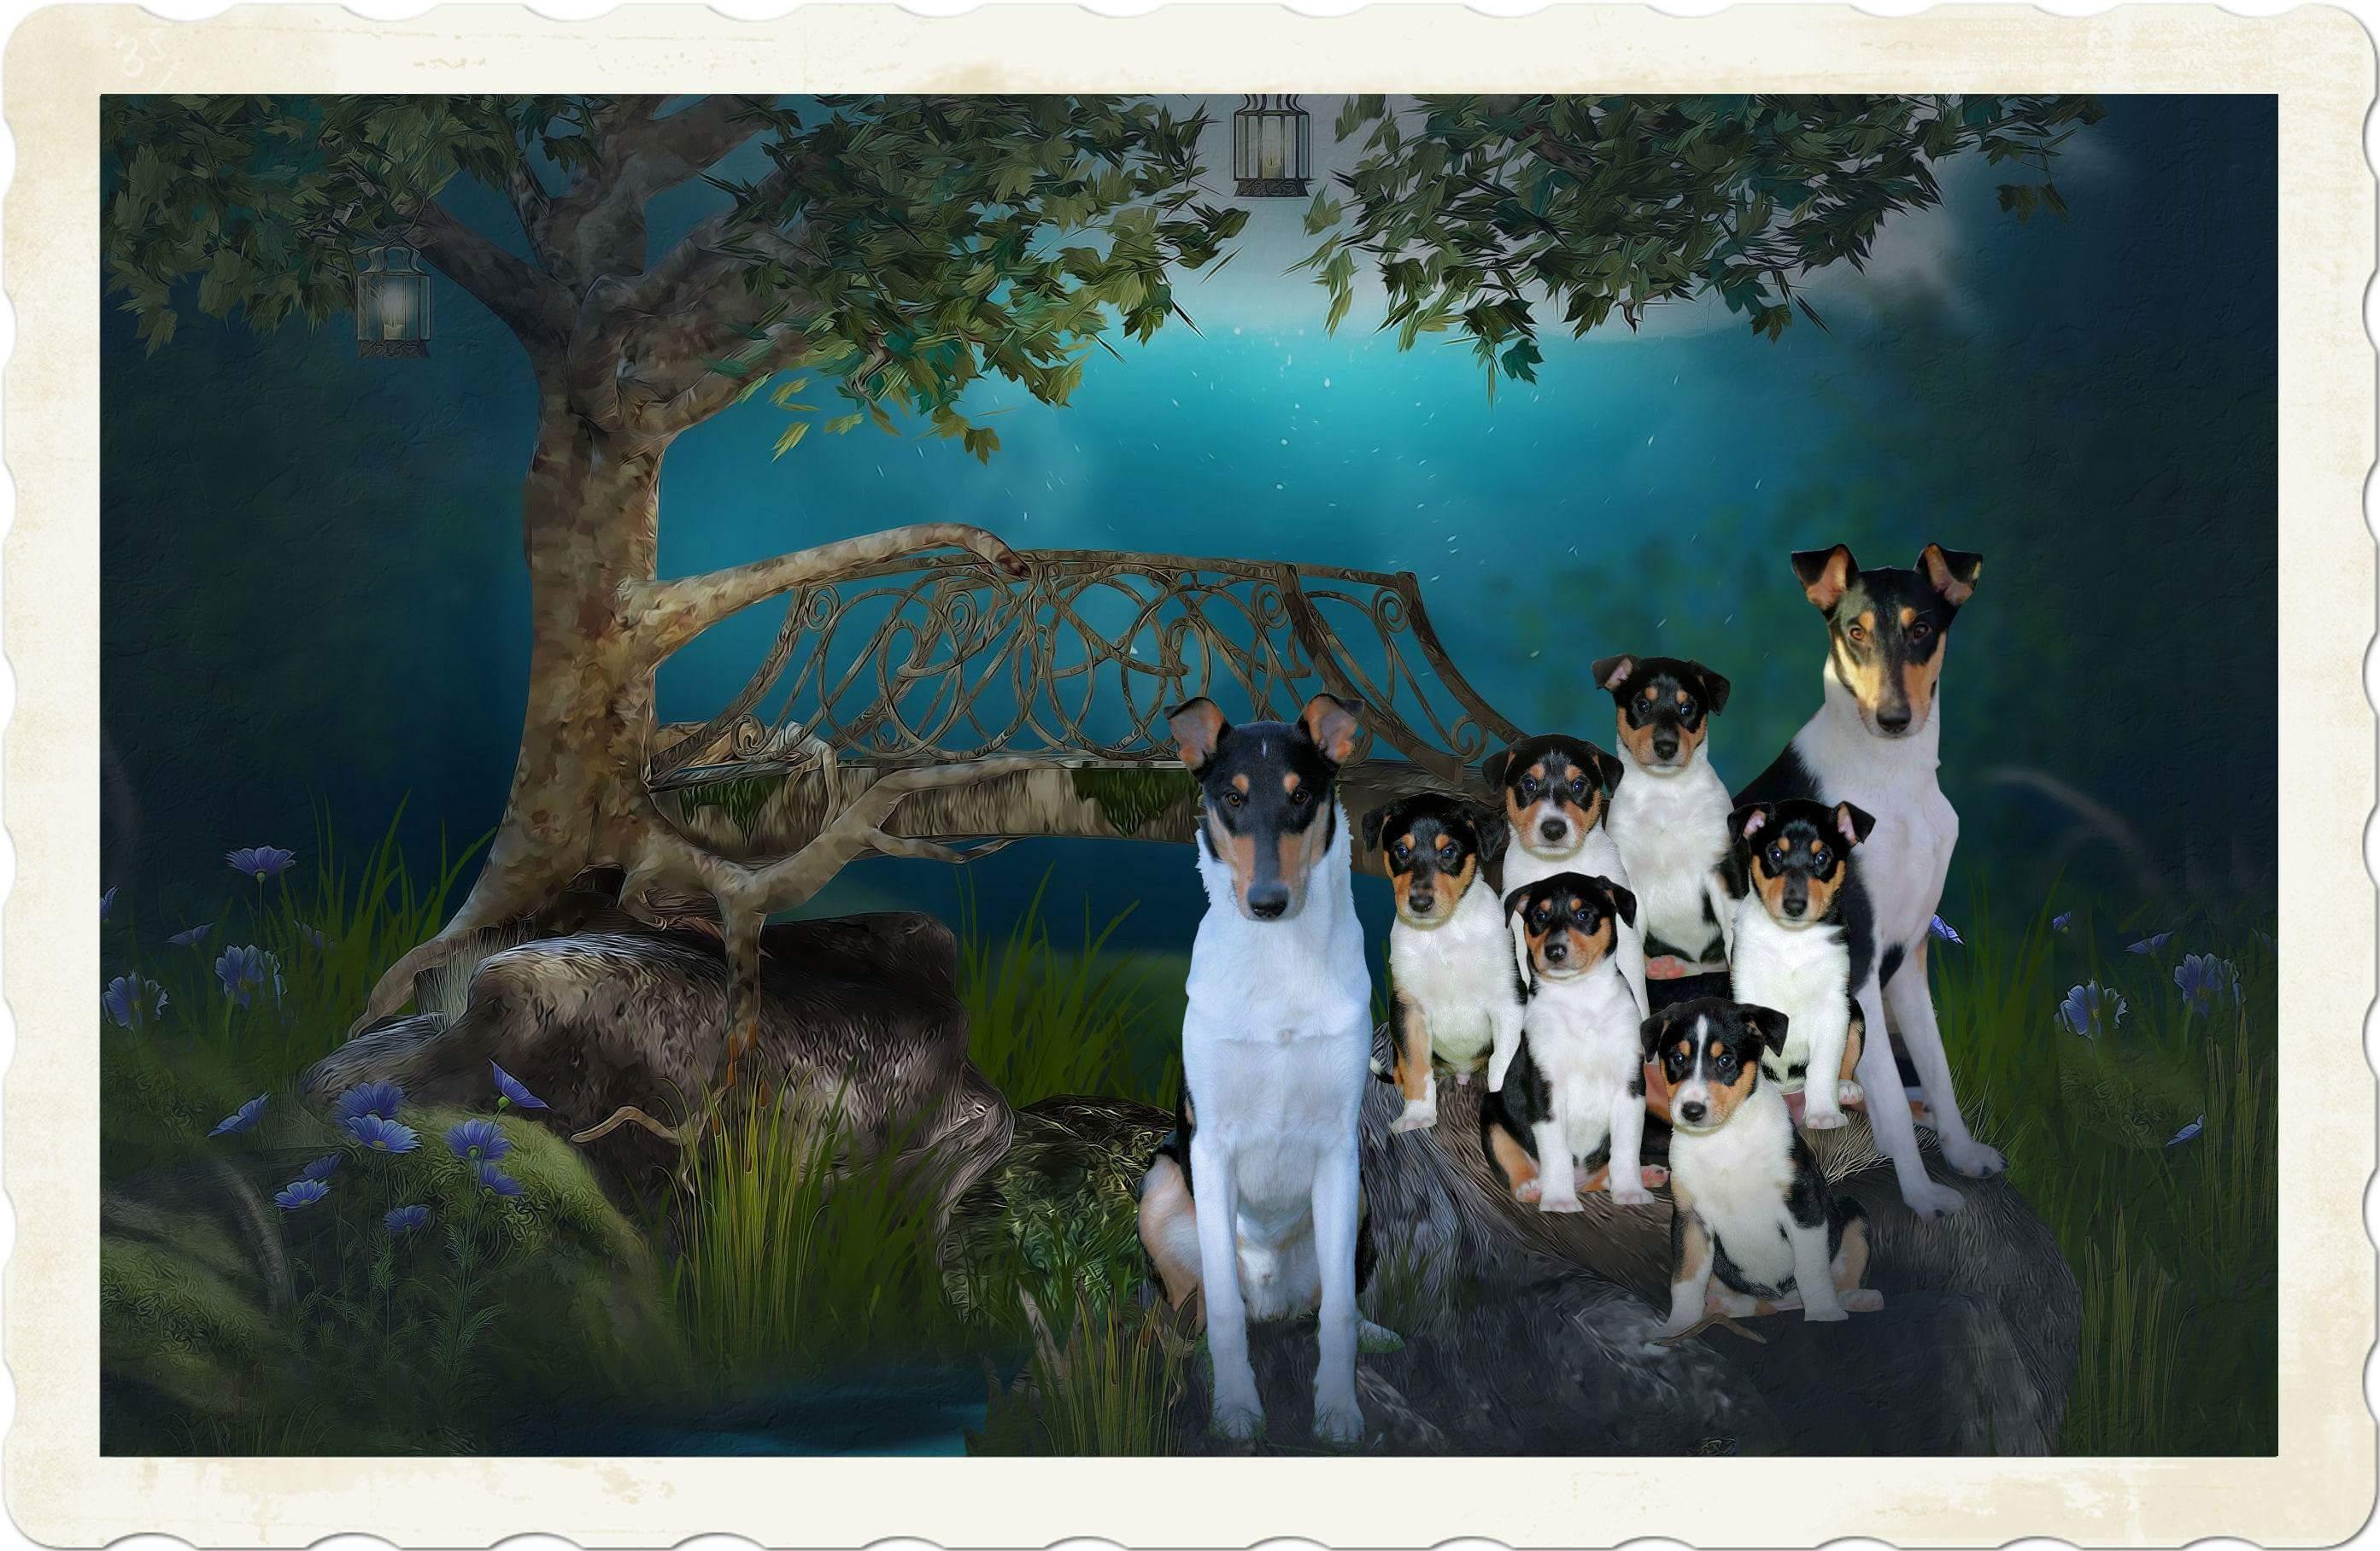 Ragnar Nala & pups